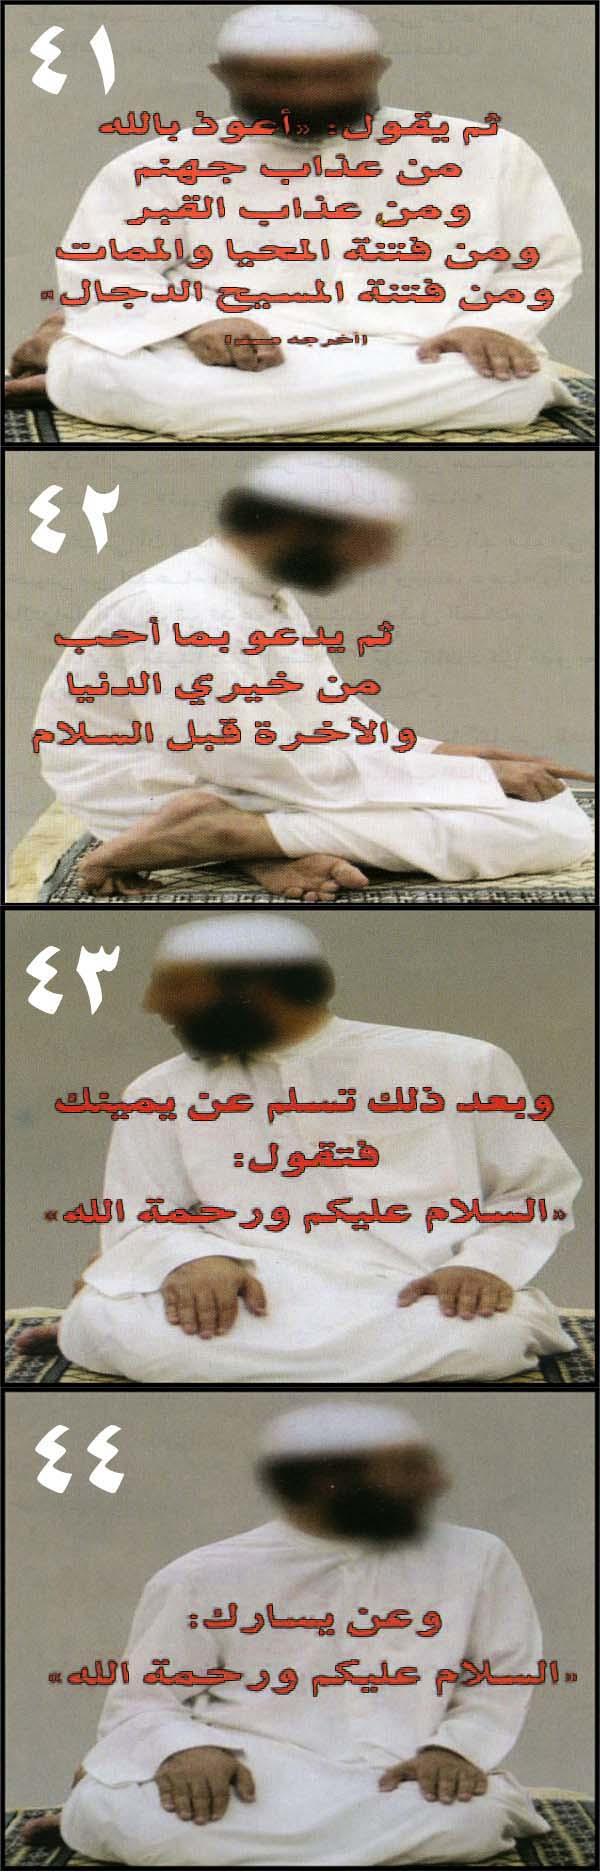 بالصور طريقة الصلاة الصحيحة بالصور , الصلاه كما يجب ان تكون 2003 11